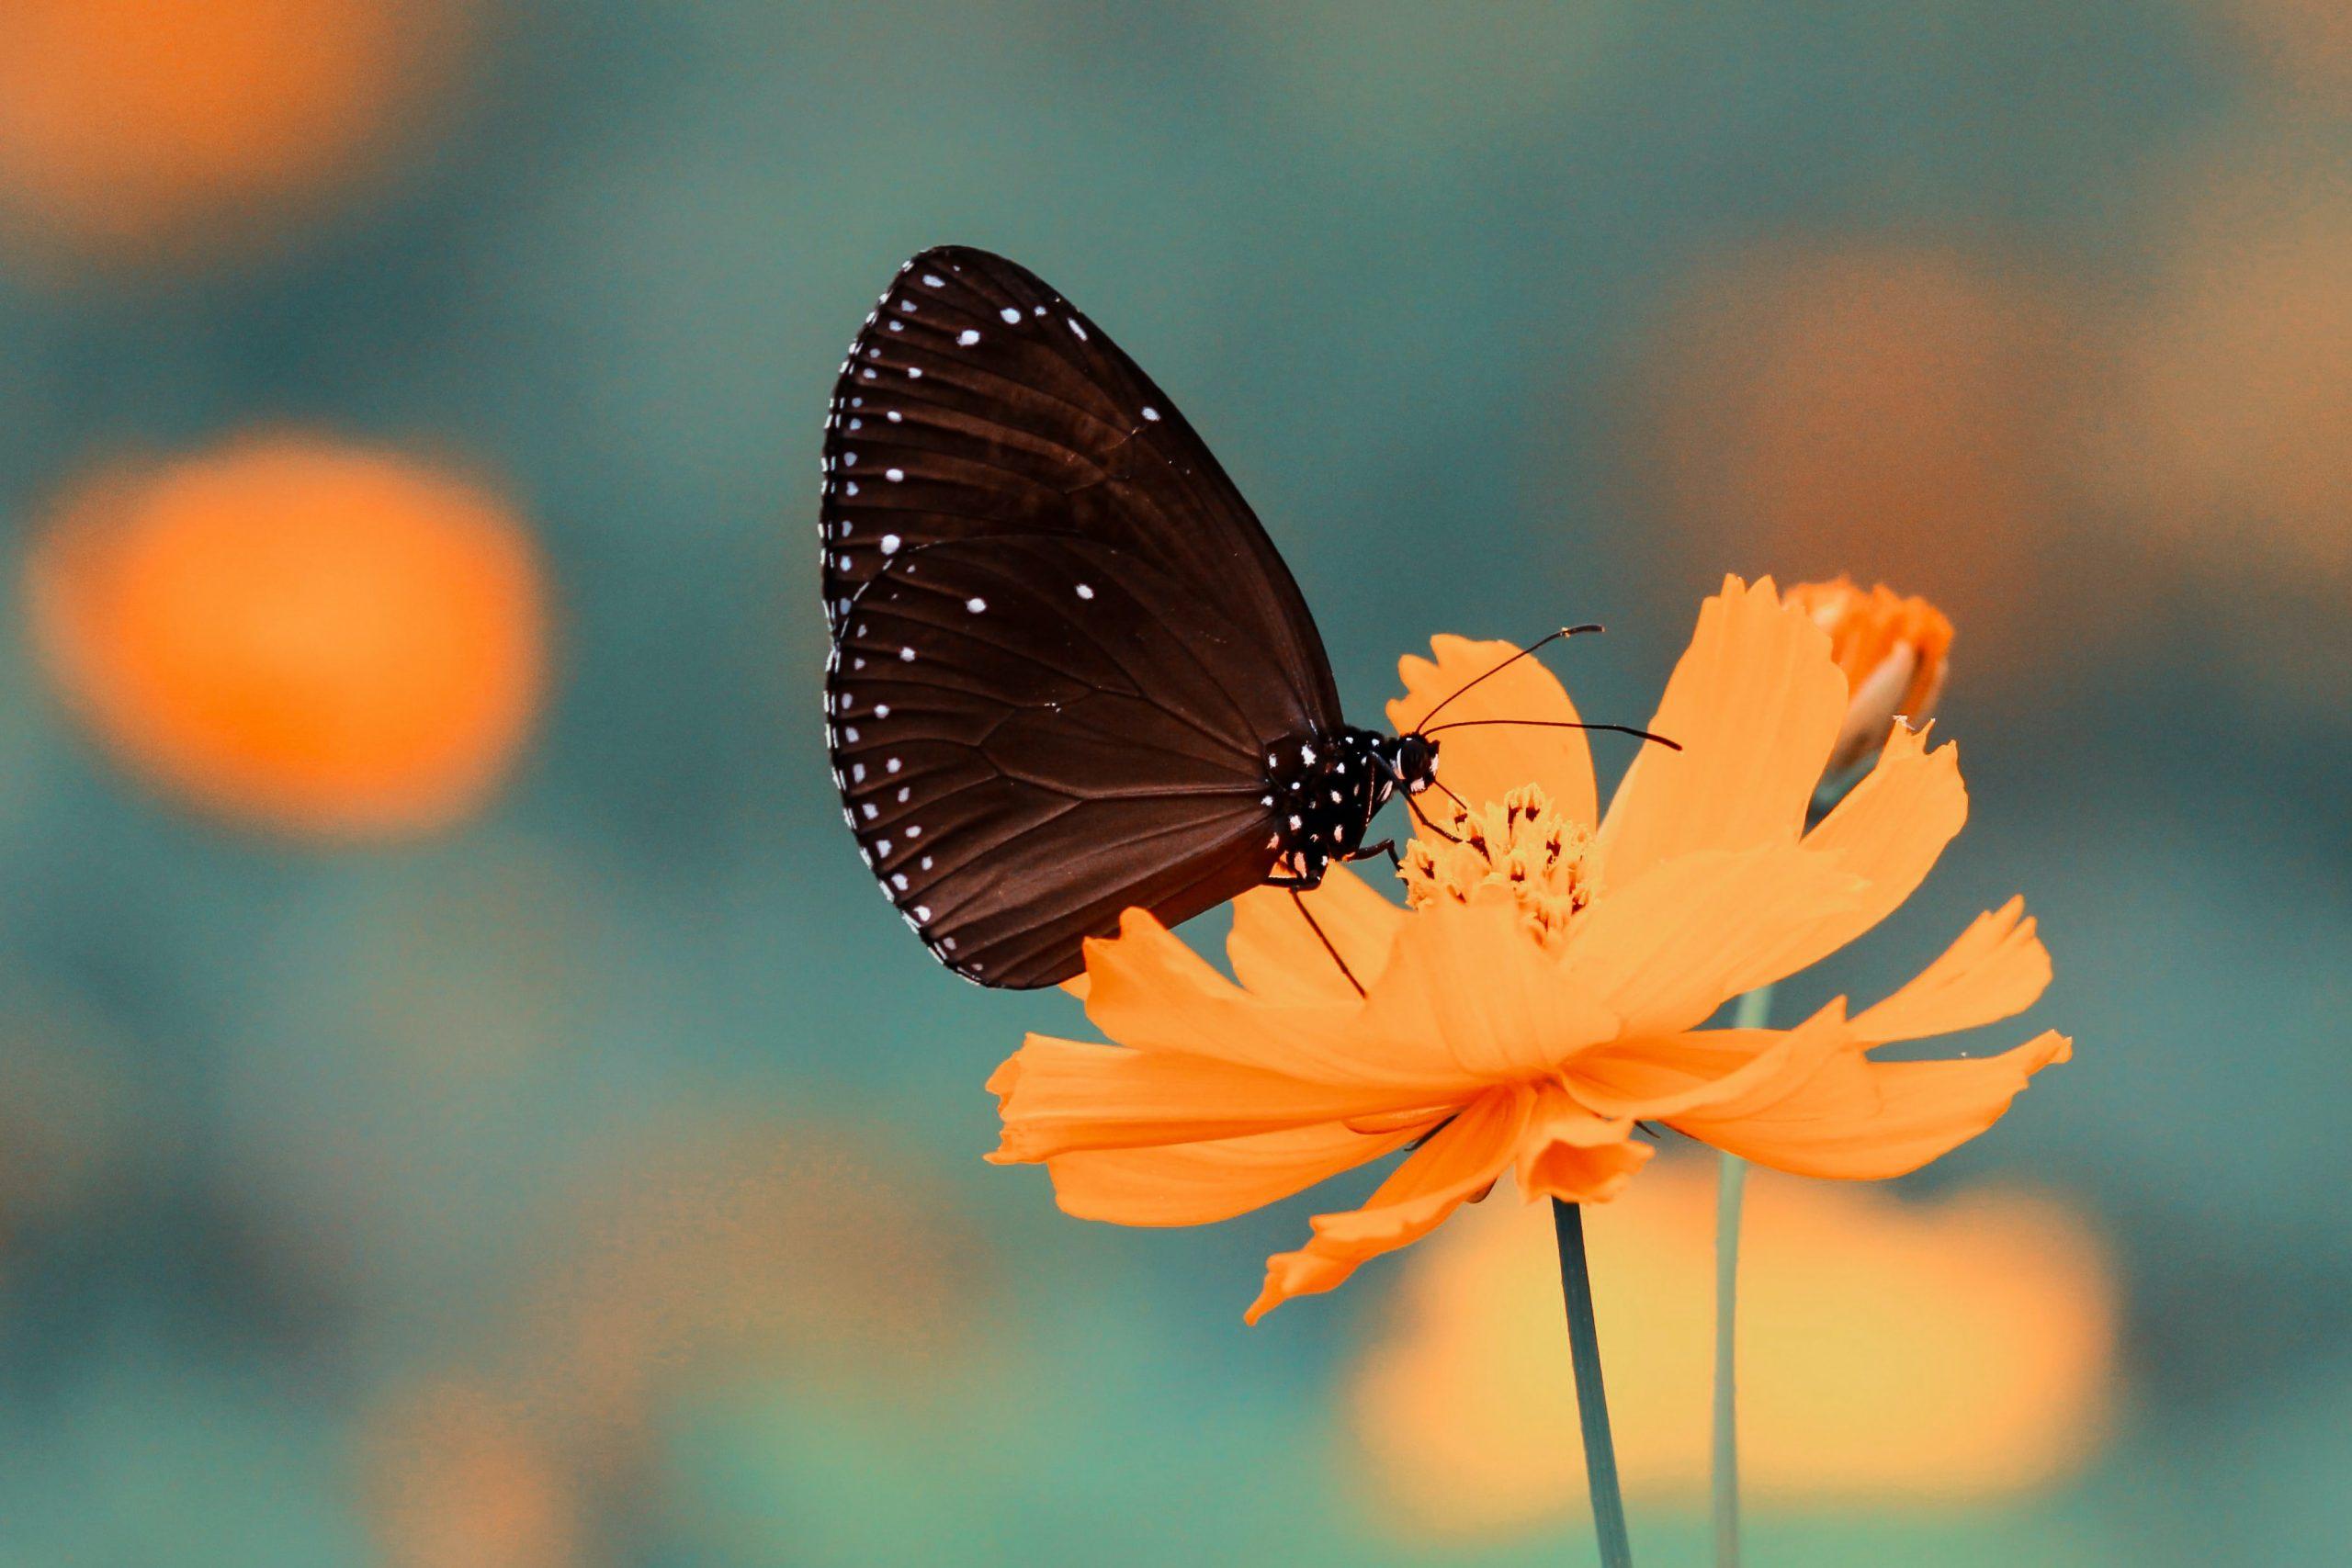 wallpaper Brown butterfly on orange petaled flower